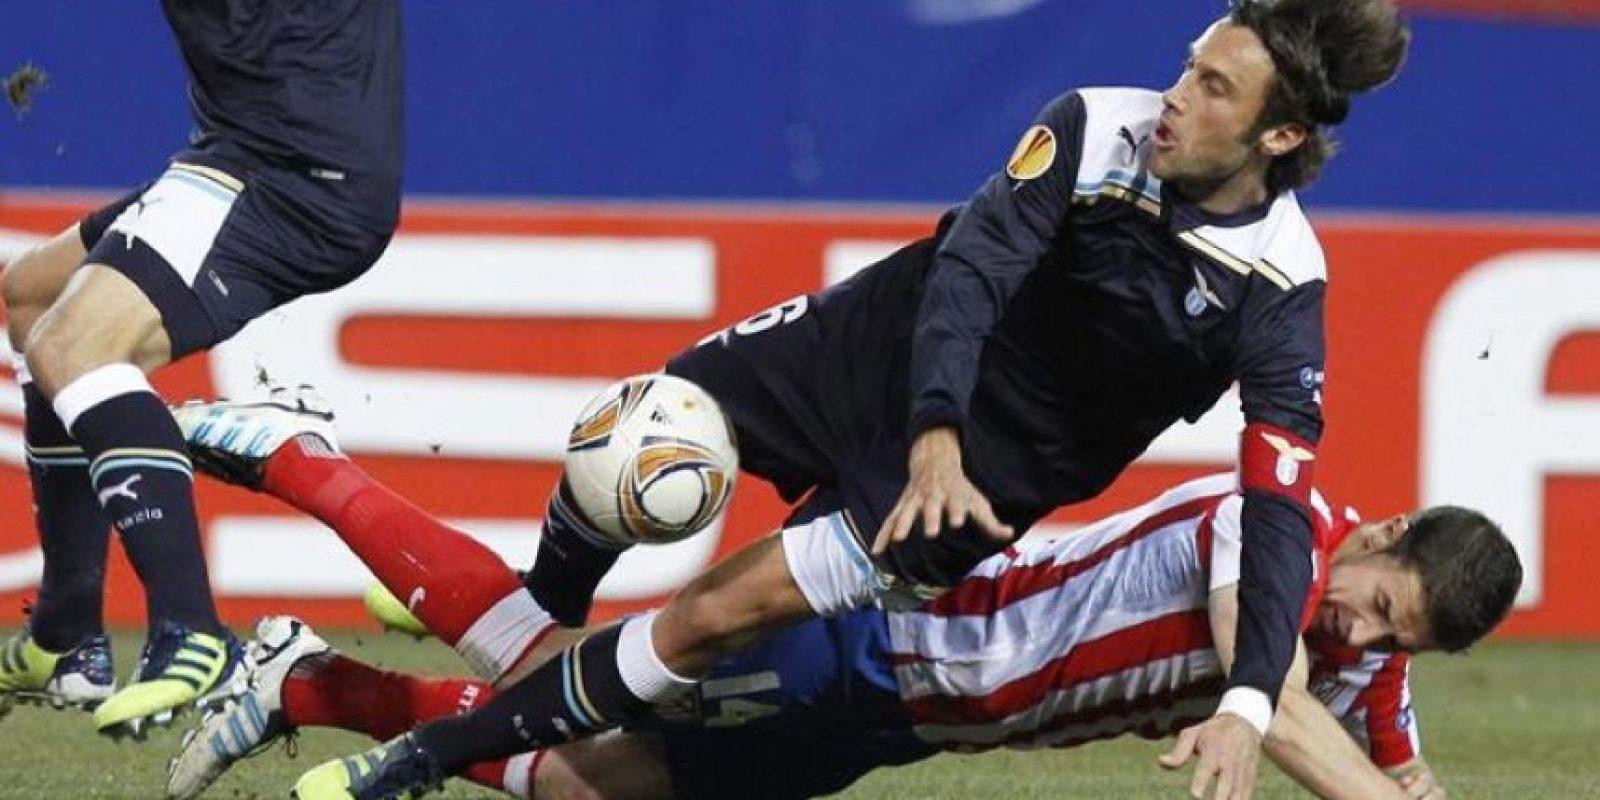 Los jugadores Stefano Mauri, del Lazio, y Gabriel Fernández 'Gabi', del Atlético de Madrid, durante el partido correspondiente a la vuelta de los dieciseisavos de final de la Liga Europa que se disputó en el estadio Vicente Calderón. EFE